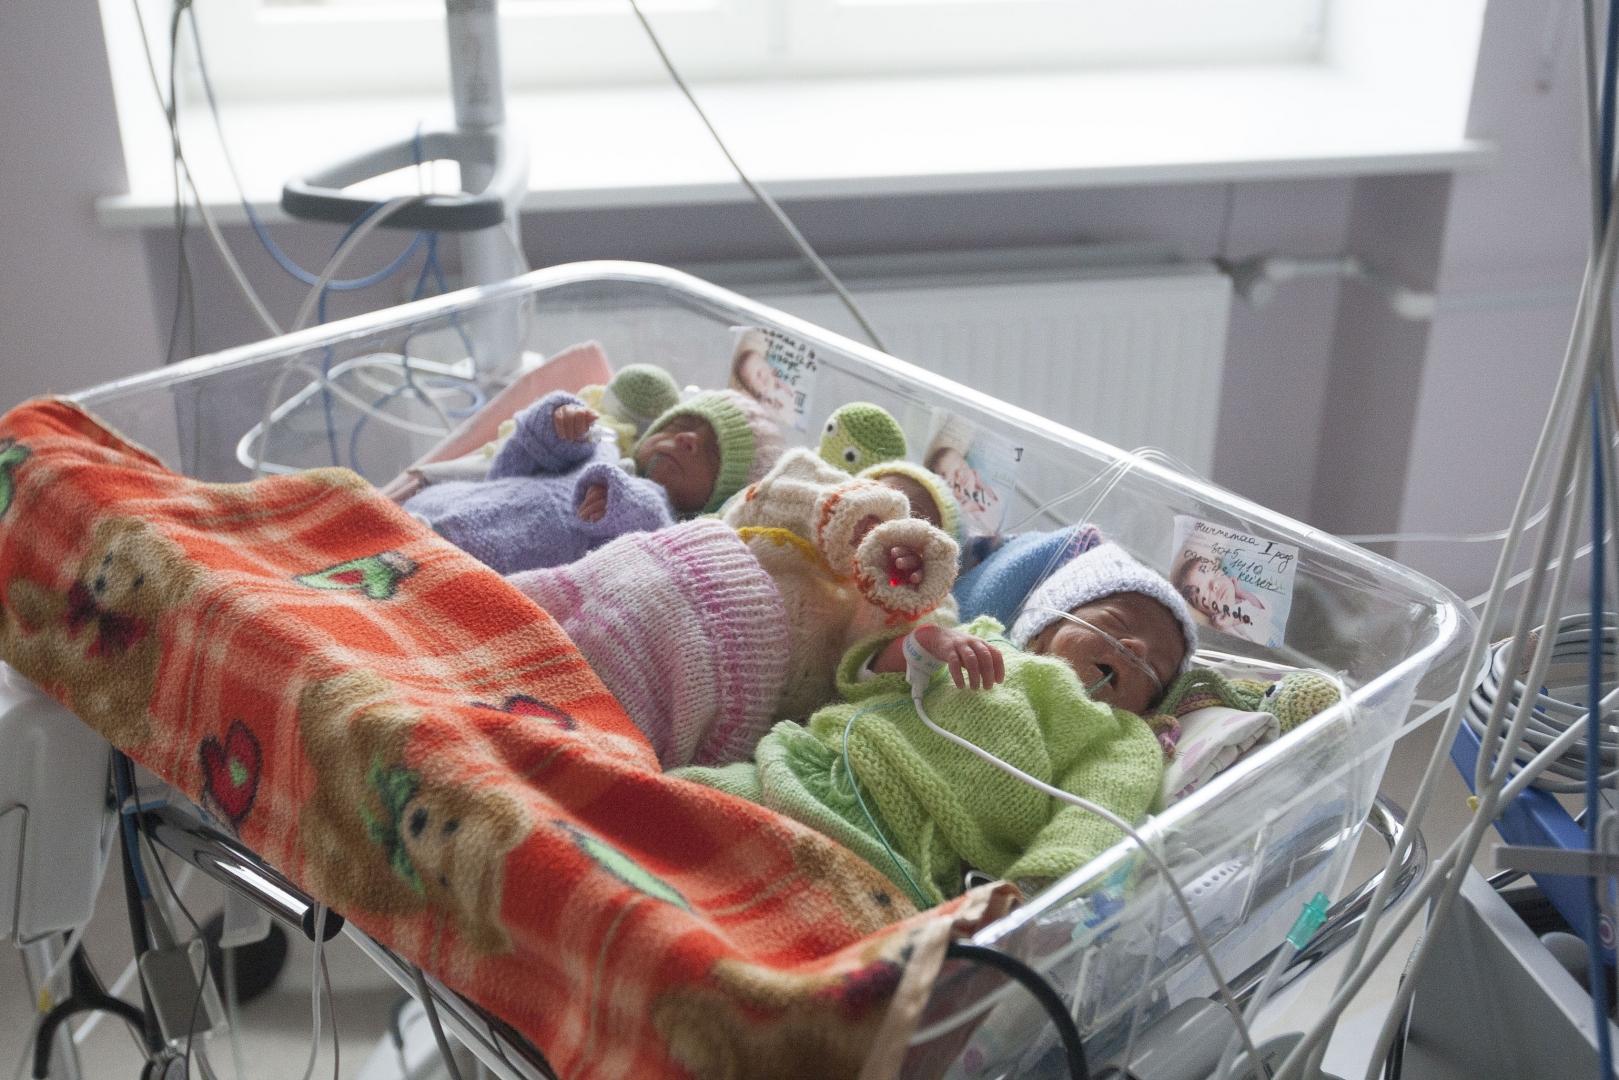 c6dc35c702c FOTOD JA VIDEO! Doktor Andresson: ema aitab enneaegse beebi ajul ...